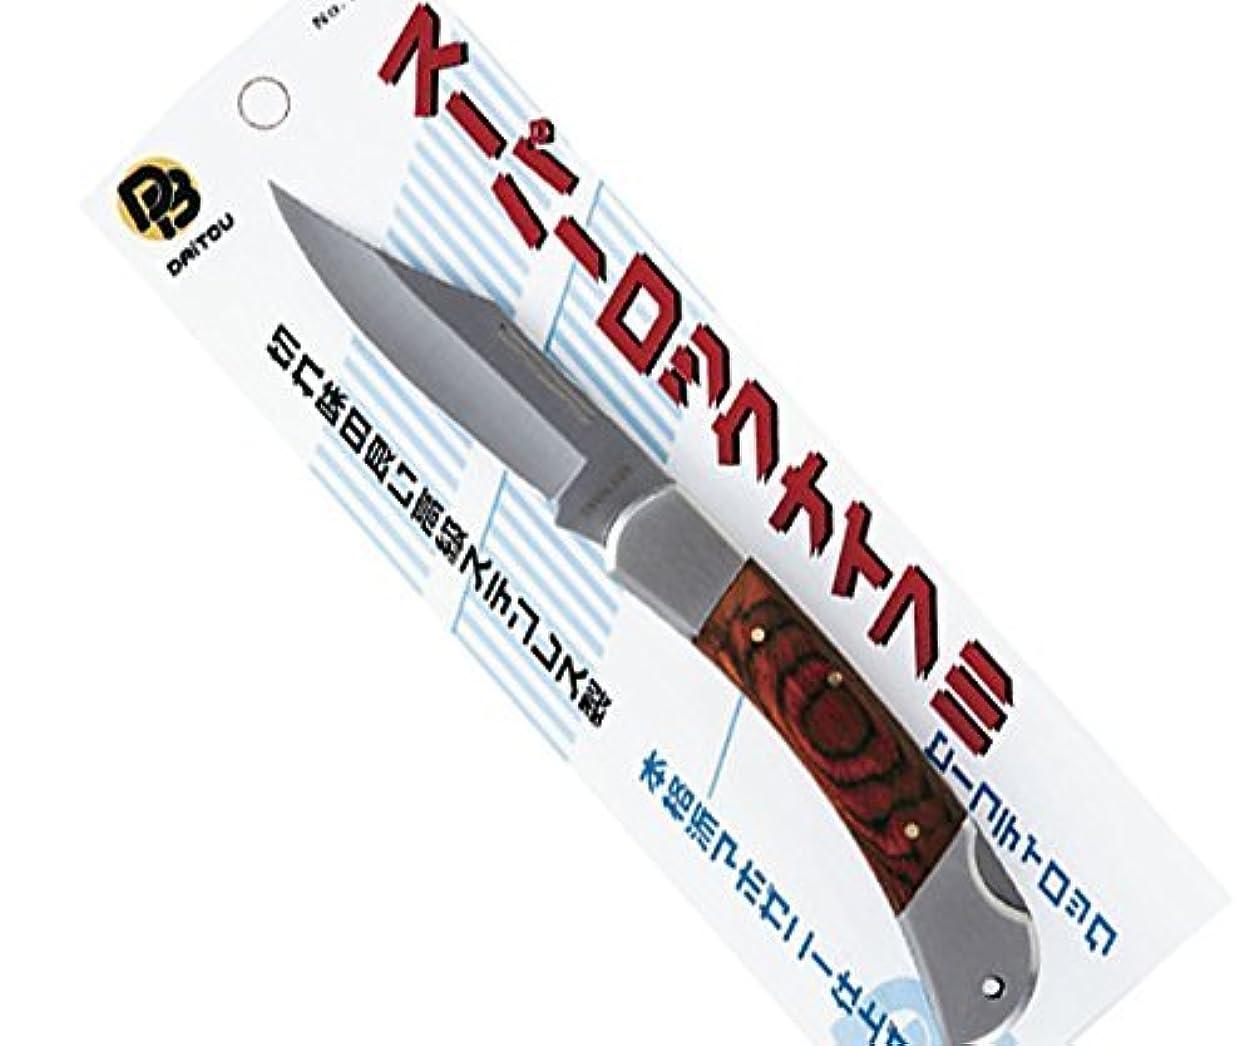 勇者時制おばあさんDAITOU(ダイトウブク) スーパーロックナイフ 2